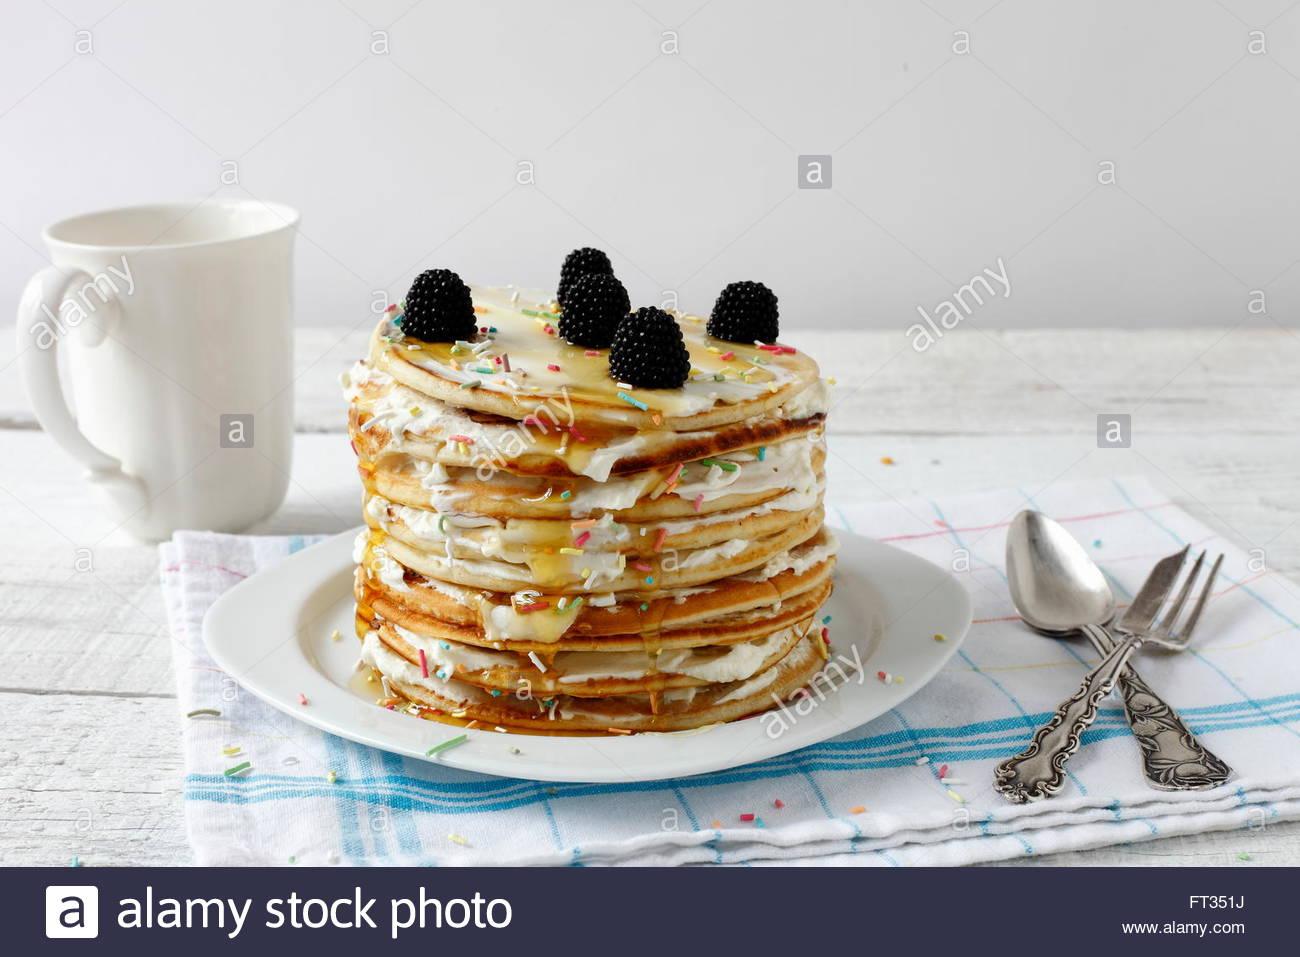 Tageslicht-Makro fotografiert Pfannkuchen, zubereitete Speisen Stockbild